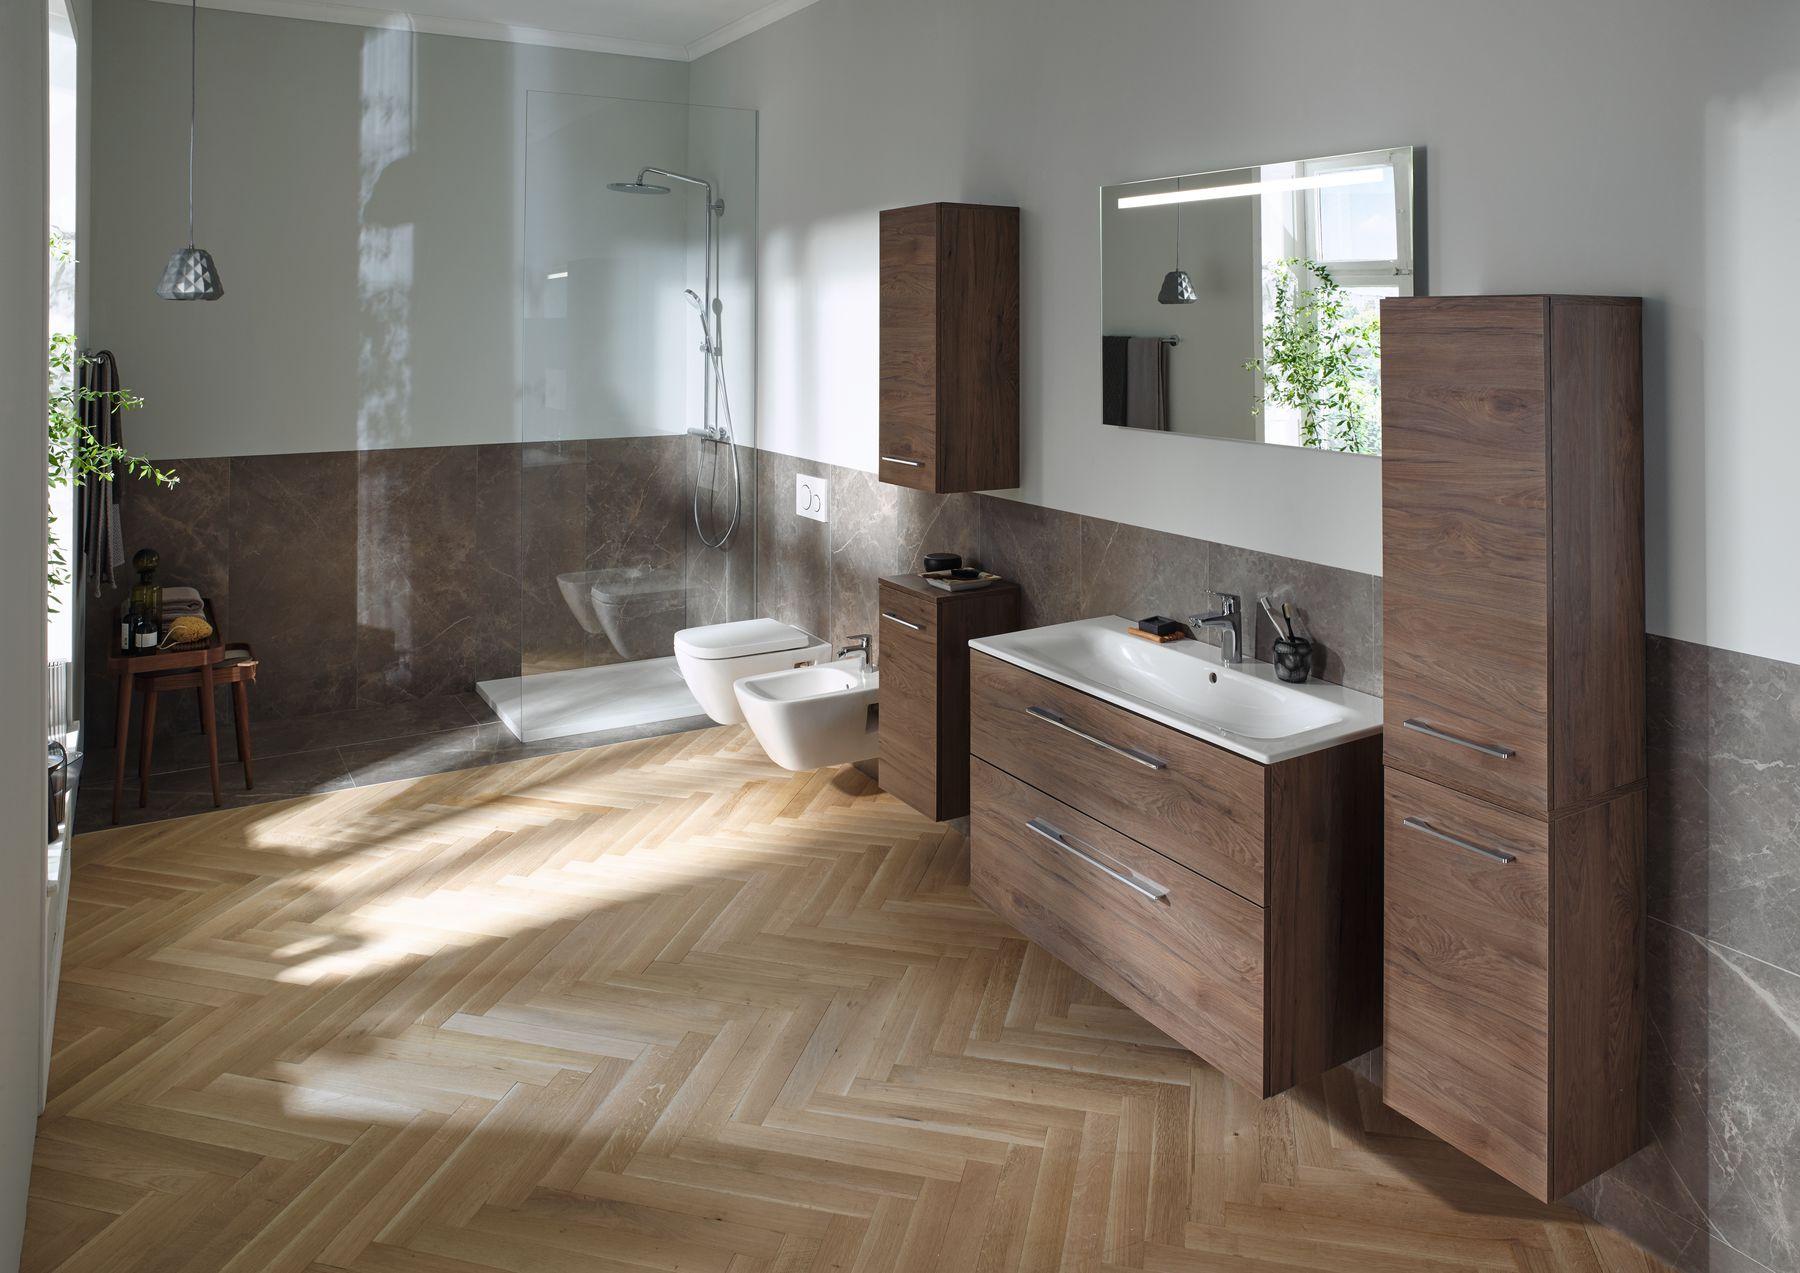 Jak urządzić łazienkę dla całej rodziny? Inspiracje i sprawdzone triki dla każdego!